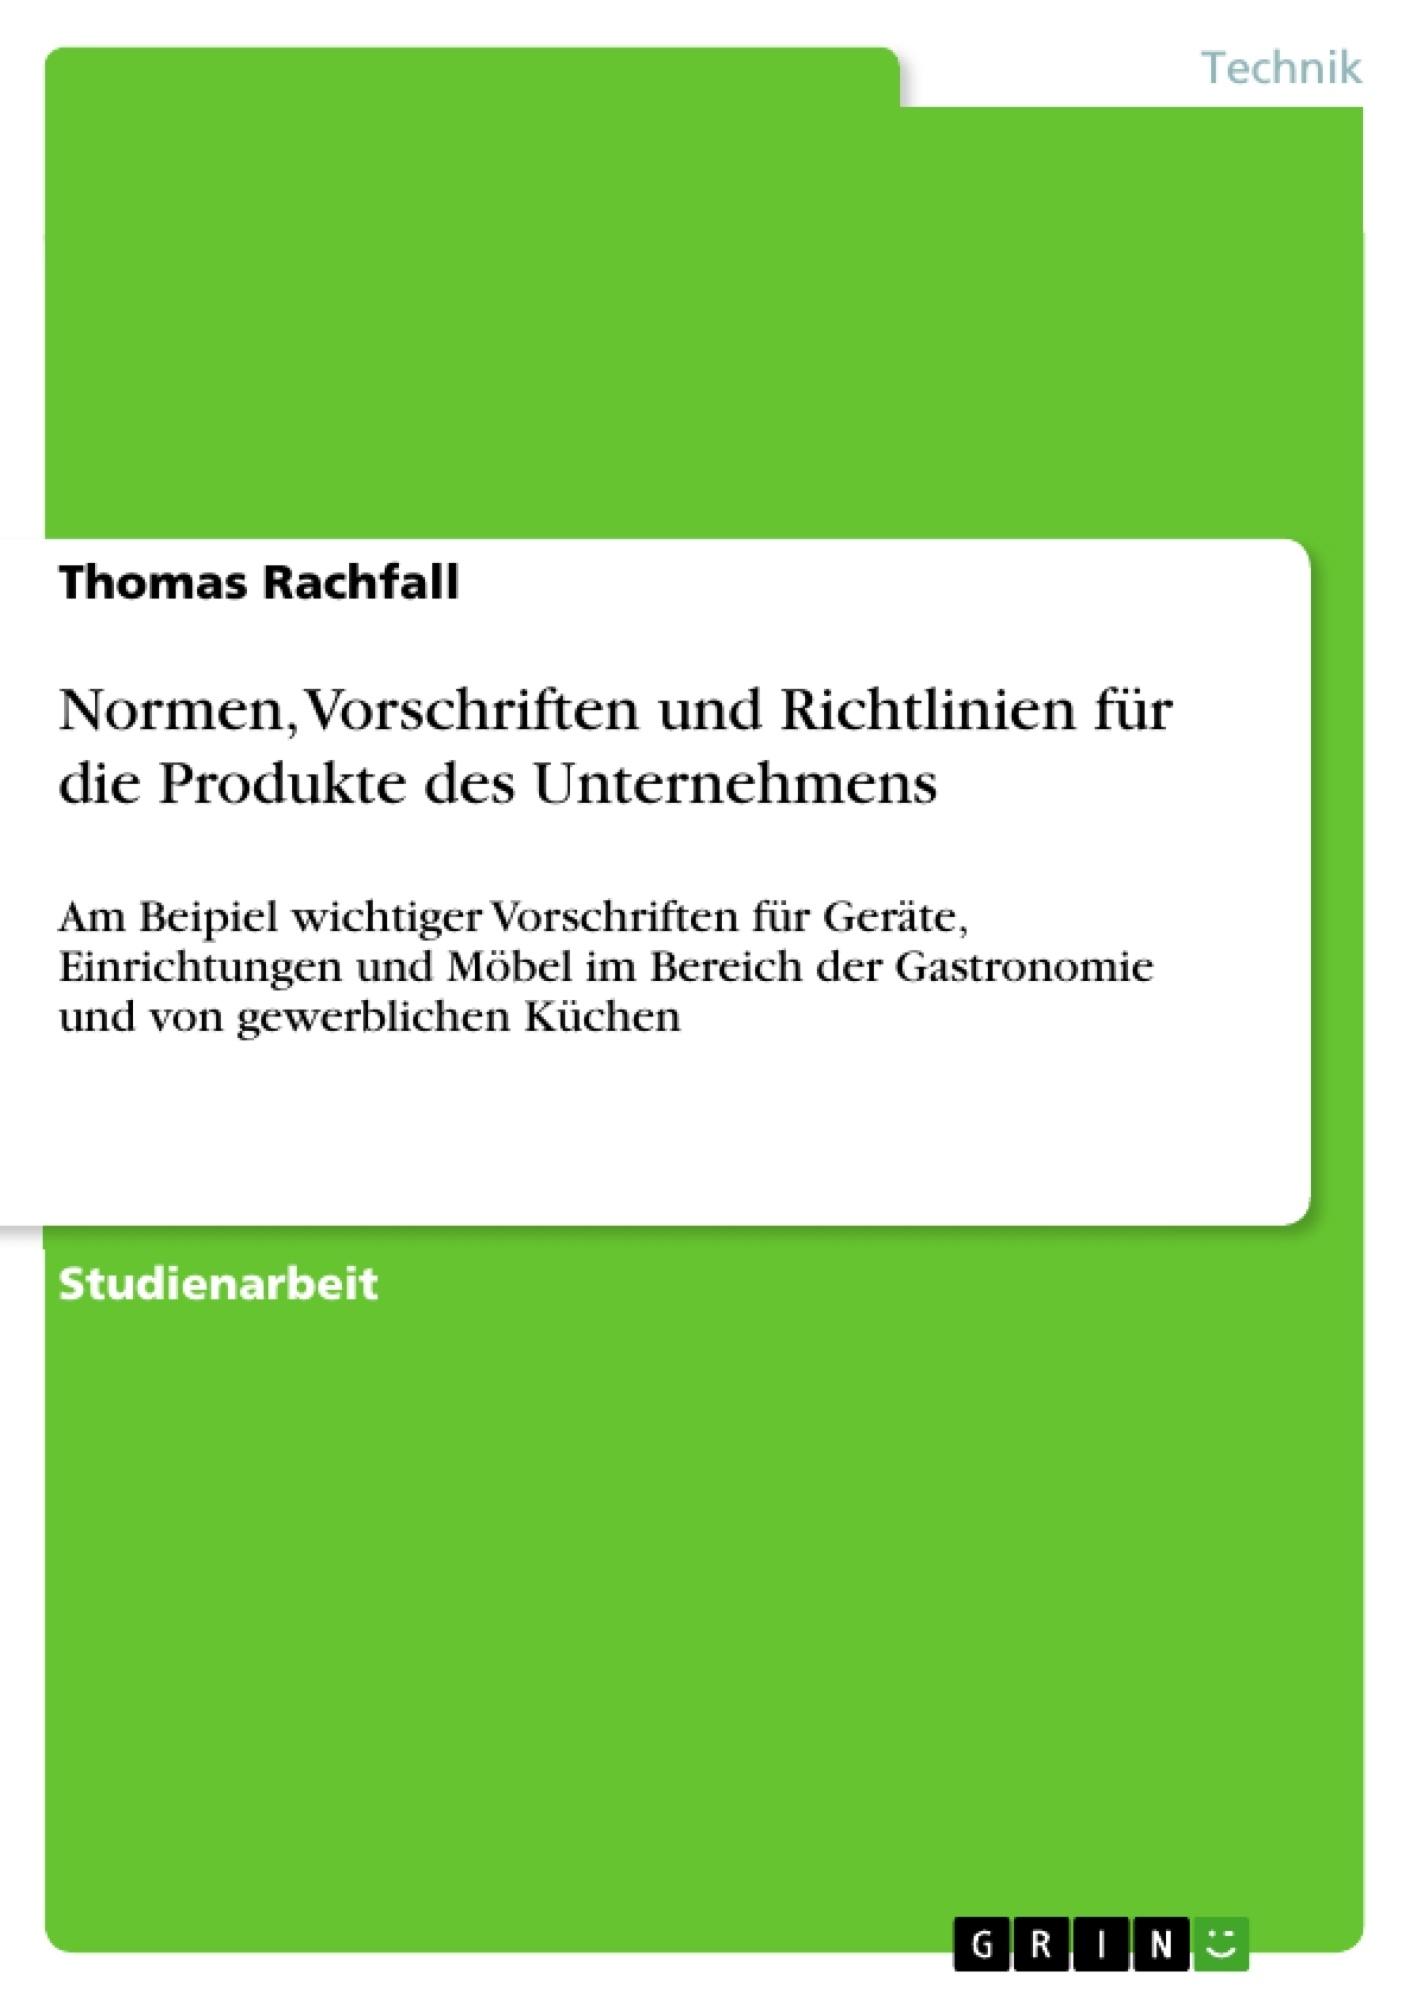 Titel: Normen, Vorschriften und Richtlinien für die Produkte des Unternehmens